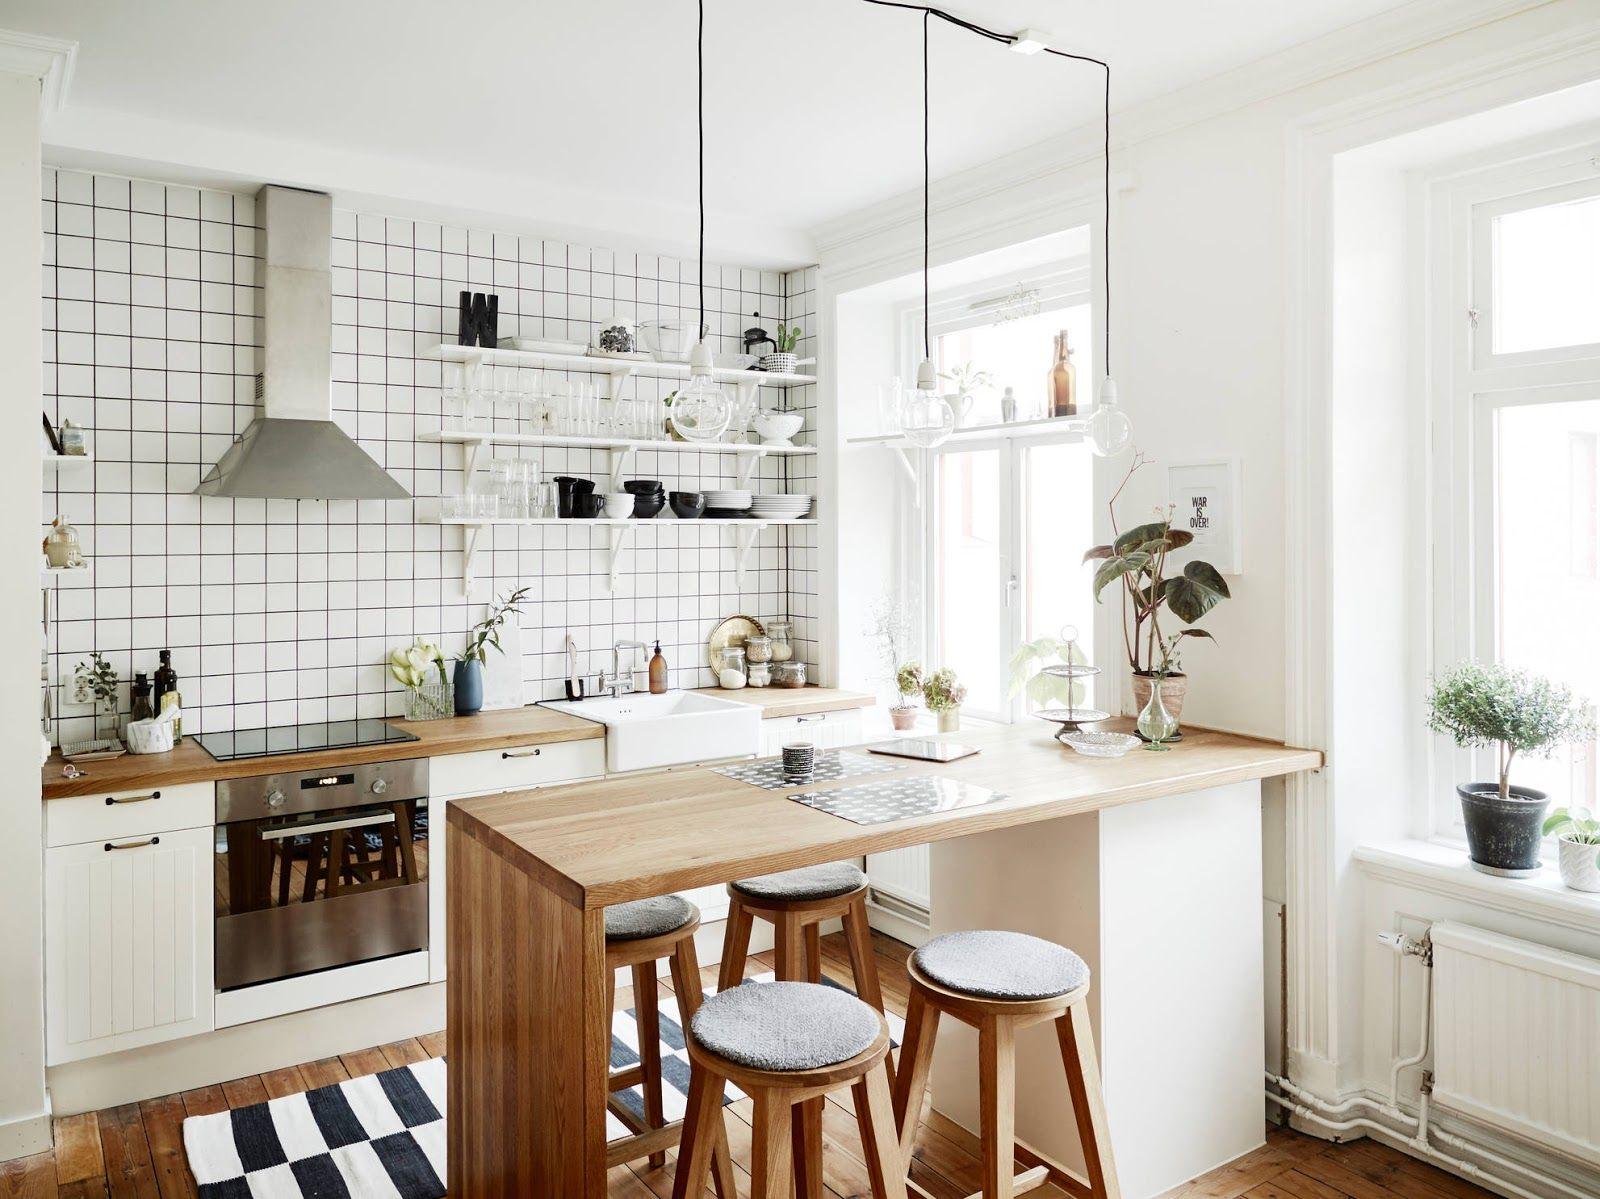 Inspirasi Desain Interior Dapur Cantik Sederhana Untuk Apartment Blog Qhomemart